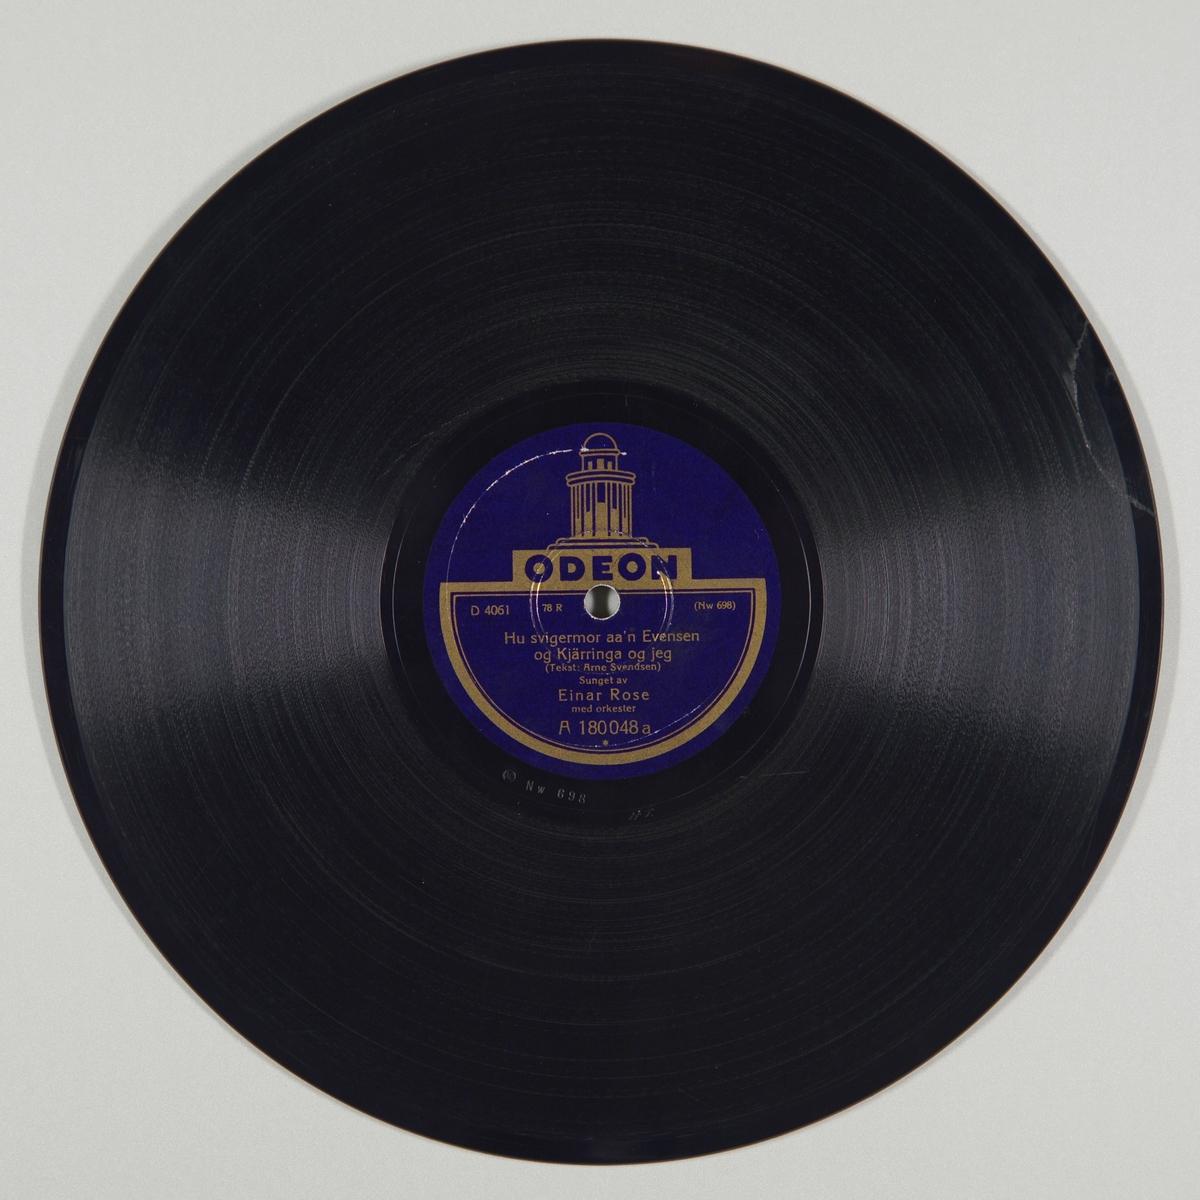 """54280.01: Svart grammofonplate laget av bakelitt og skjellak. Etiketten er mørk lilla med skrift i gull, for tekst se """"Påført tekst/merker"""". På etiketten er det tegning av kuppelen på Odeon. På B-siden er det et lite grønt og hvitt klistremerke på etiketten.  54280.02: Plateomslaget til platen er laget av hvitt papir som er limt. Det er sekundær påskrift på begge sidene, for tekst se """"Påført tekst/merker""""."""